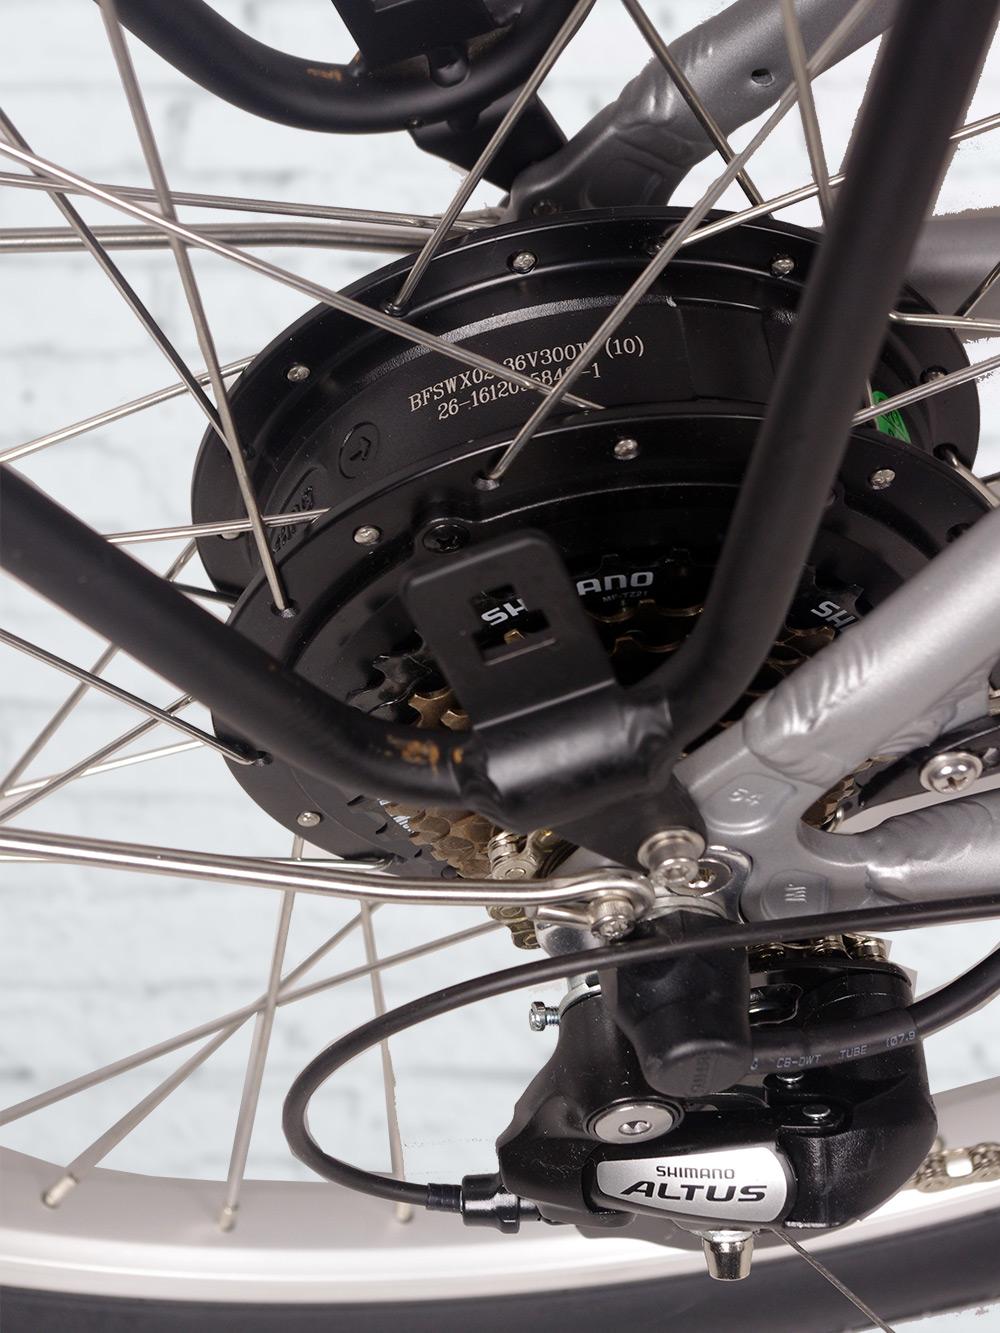 City-ebike-hikobike-electric-bikes-nz.jpg